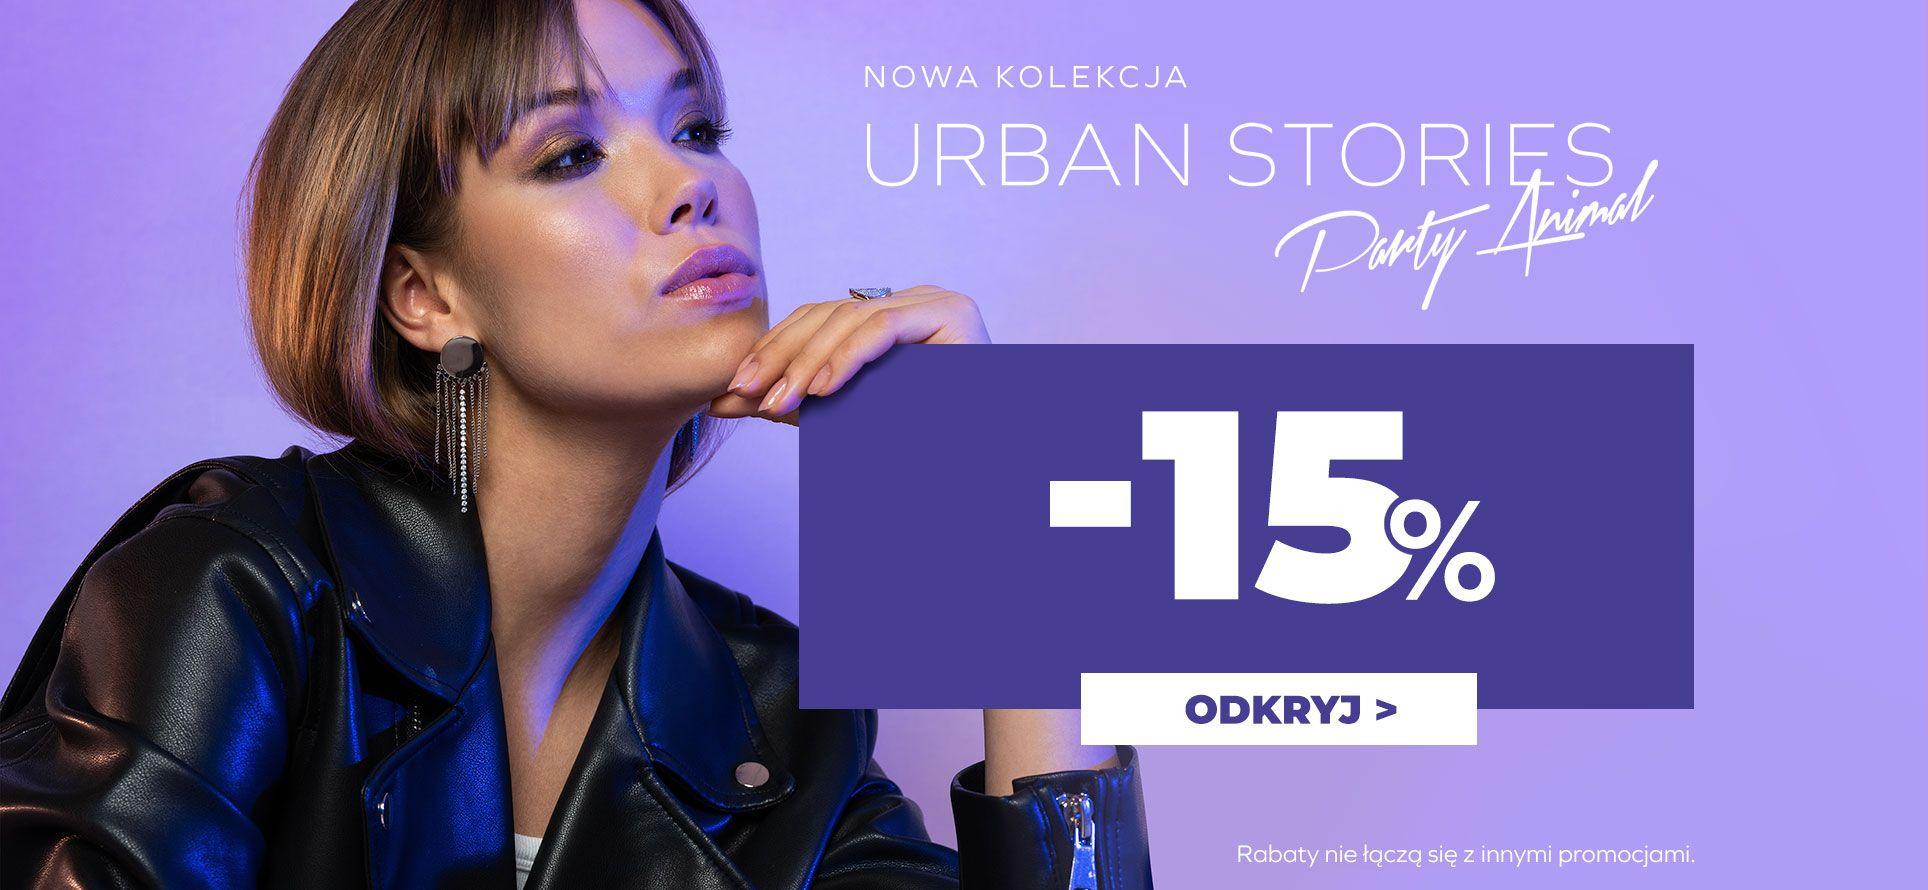 Picky Pica Picky Pica: 15% zniżki na nową kolekcję biżuterii Urban Stories Party Animal